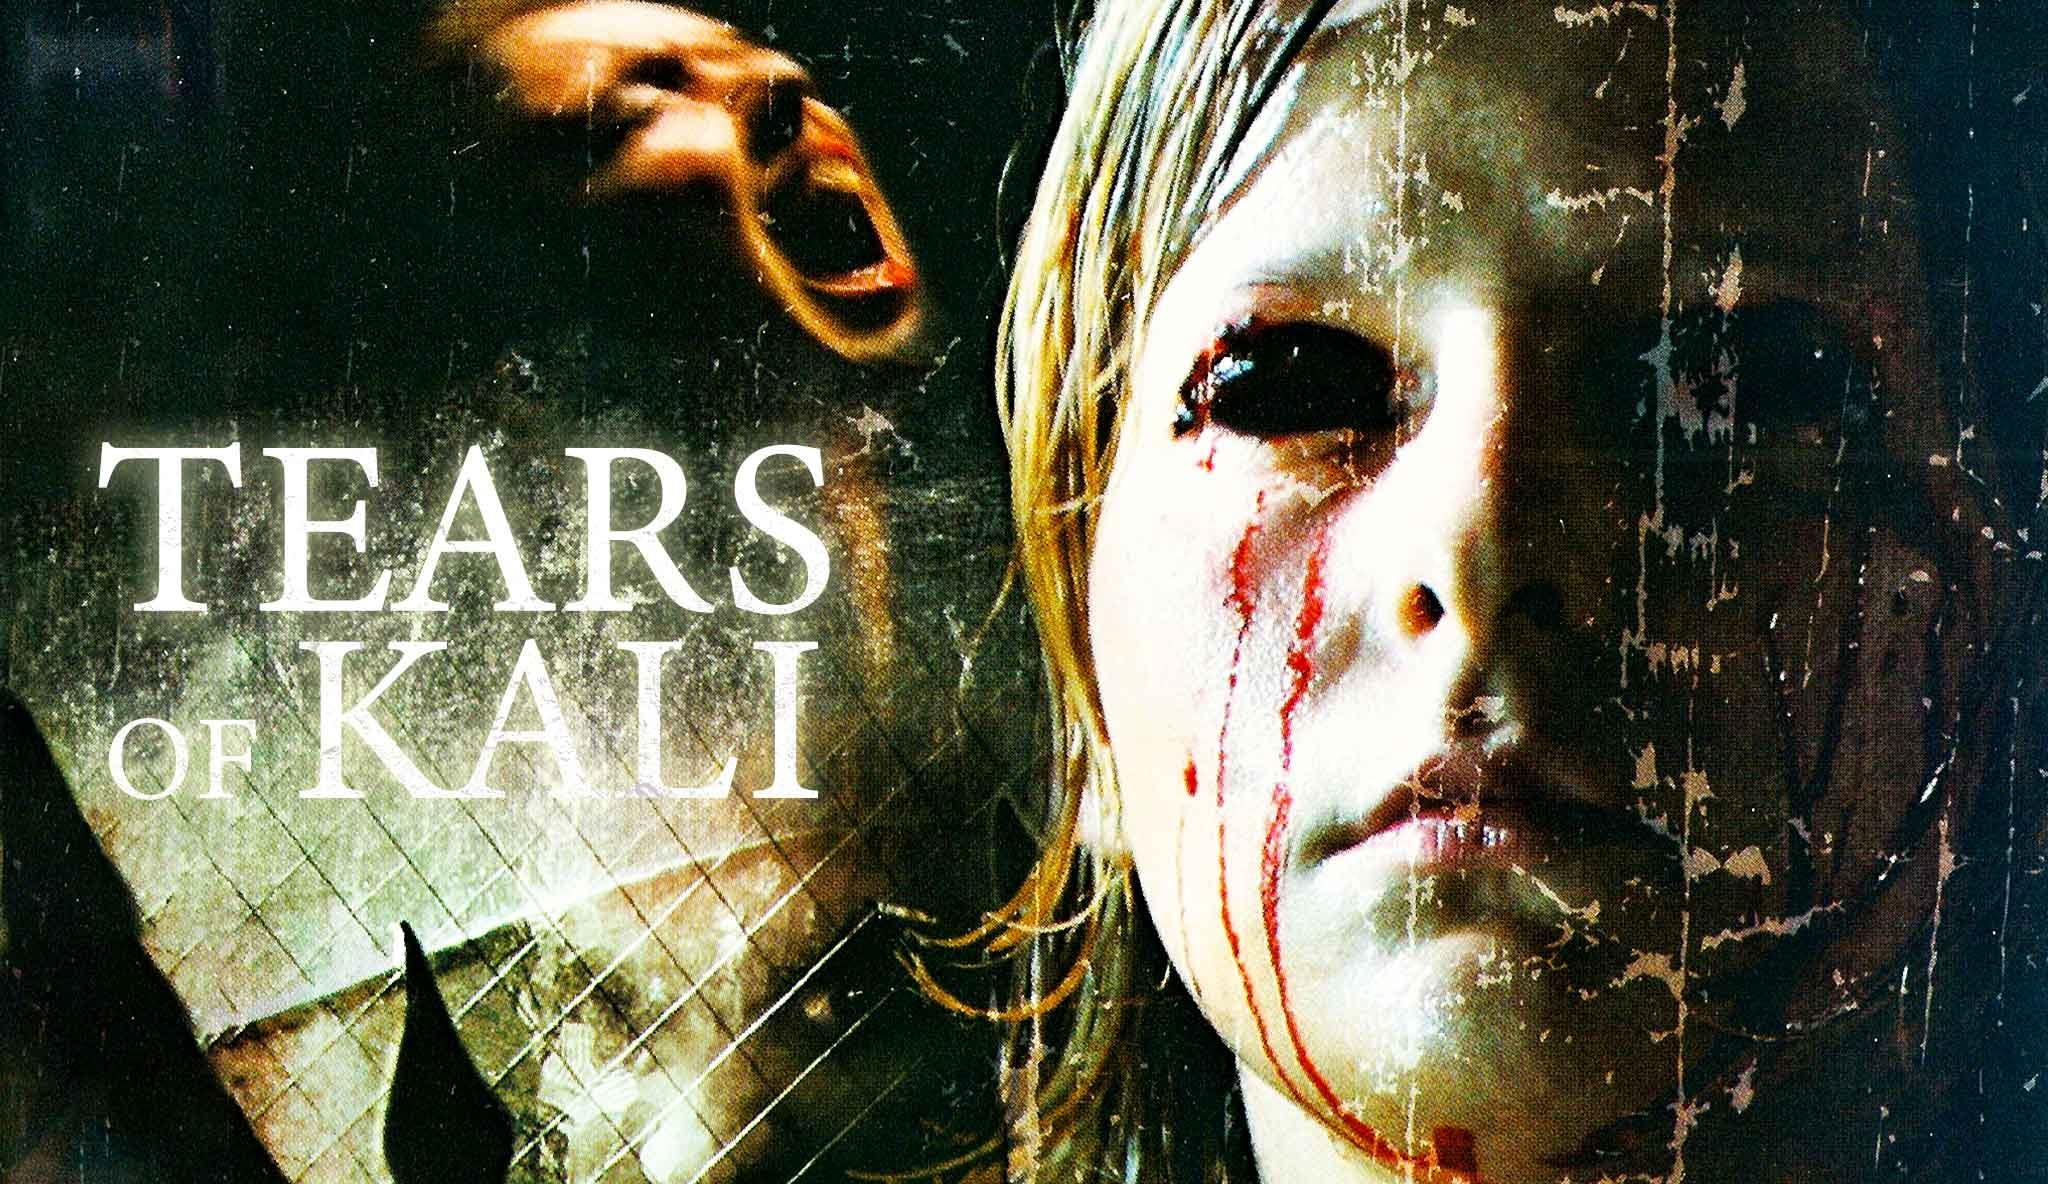 tears-of-kali\header.jpg